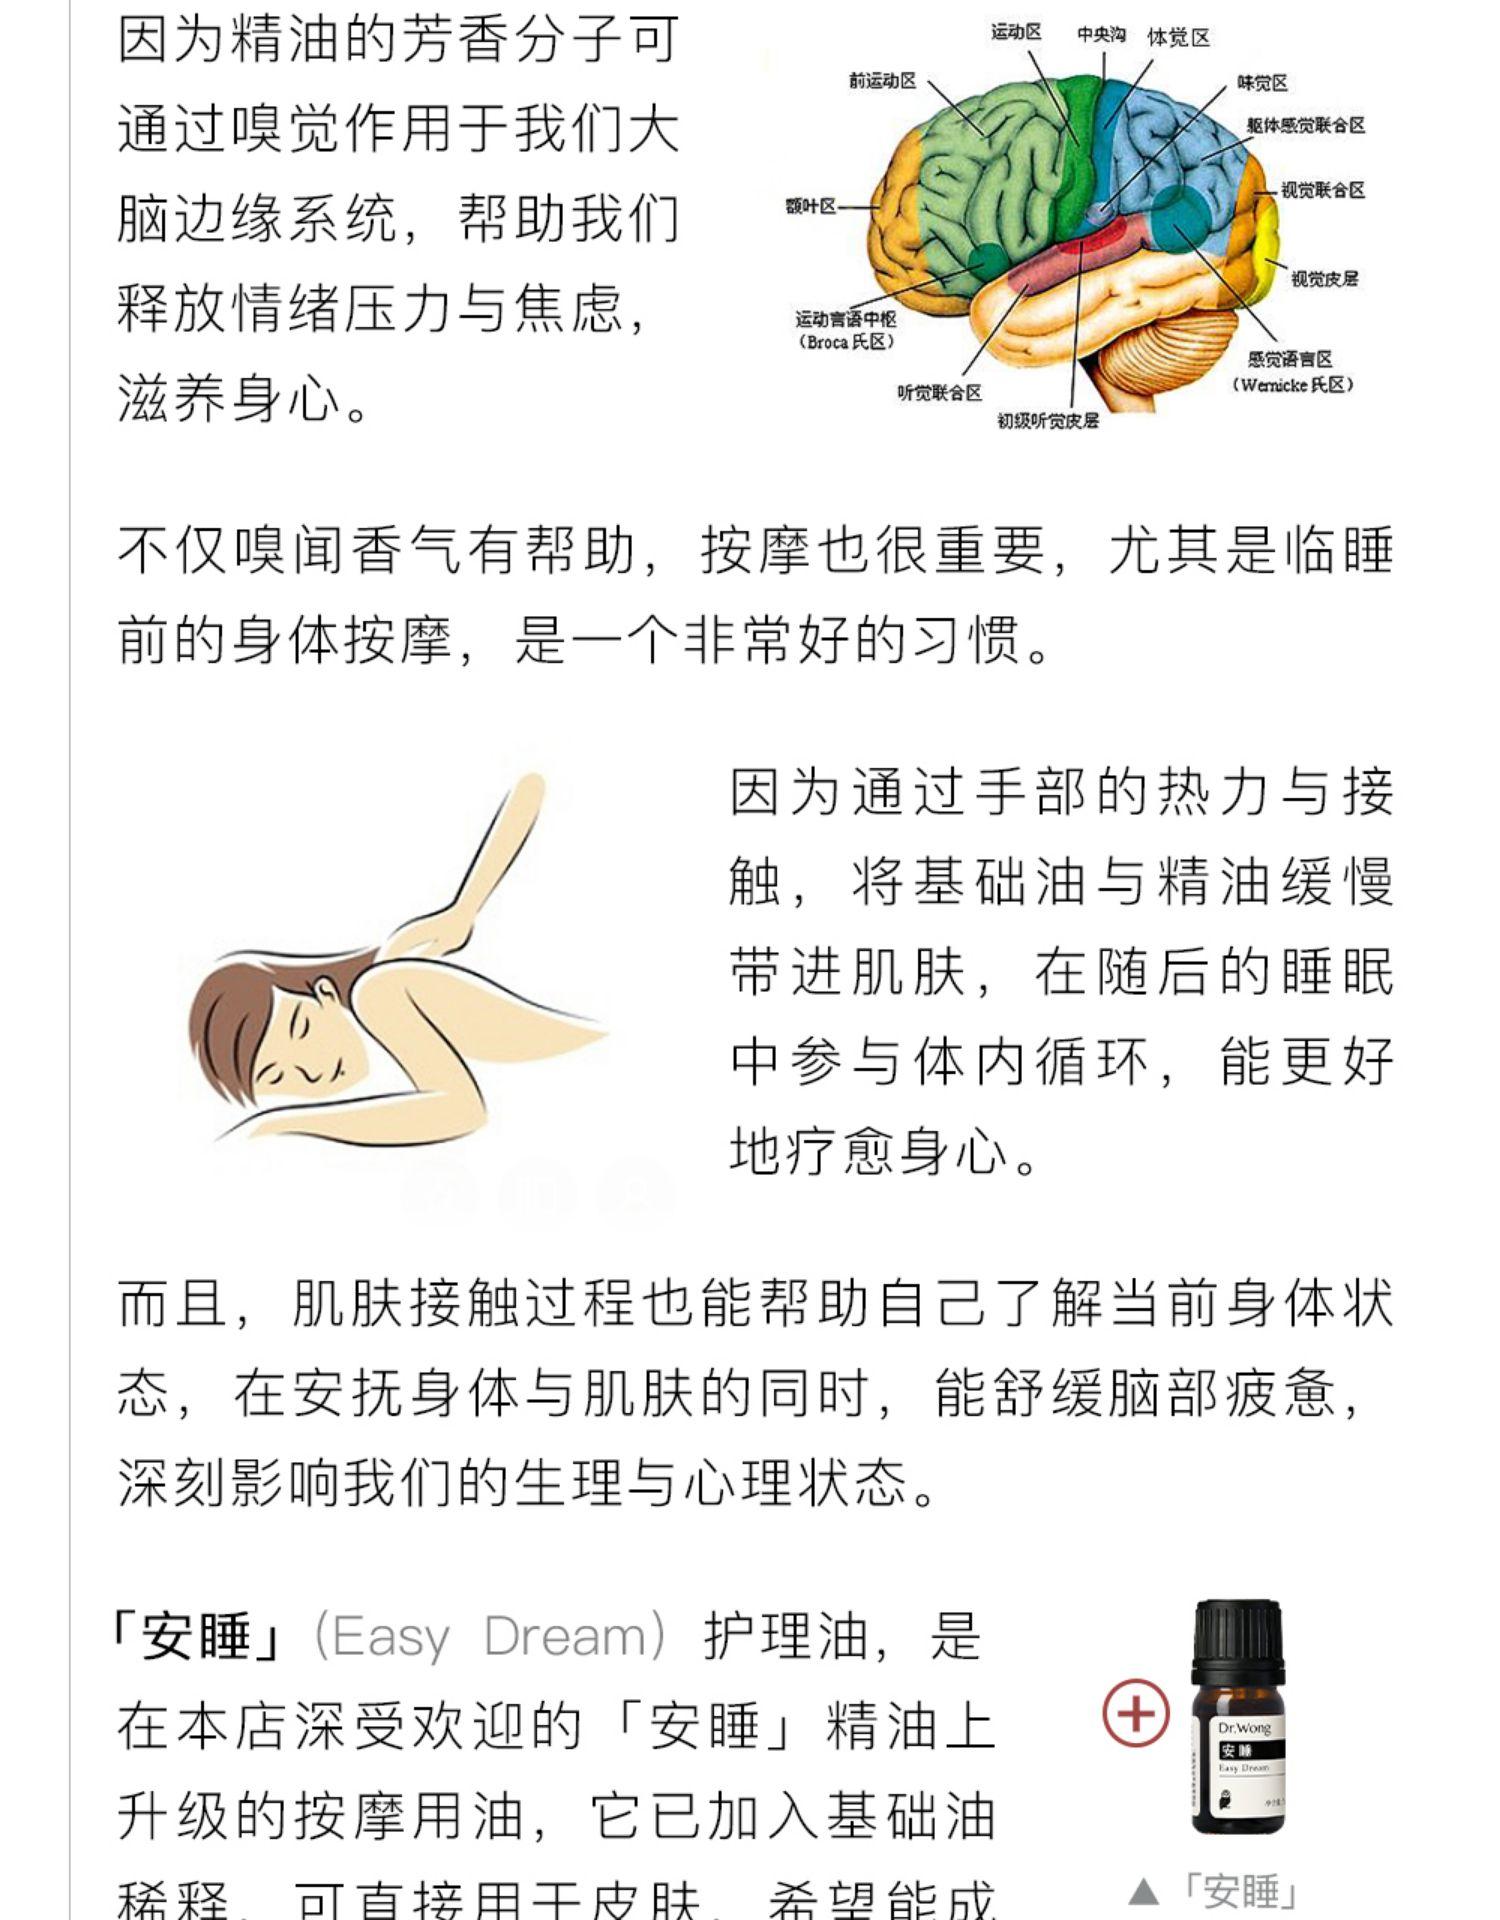 「安睡」护理油深度助眠滋养舒肝身体全身按摩精油详细照片